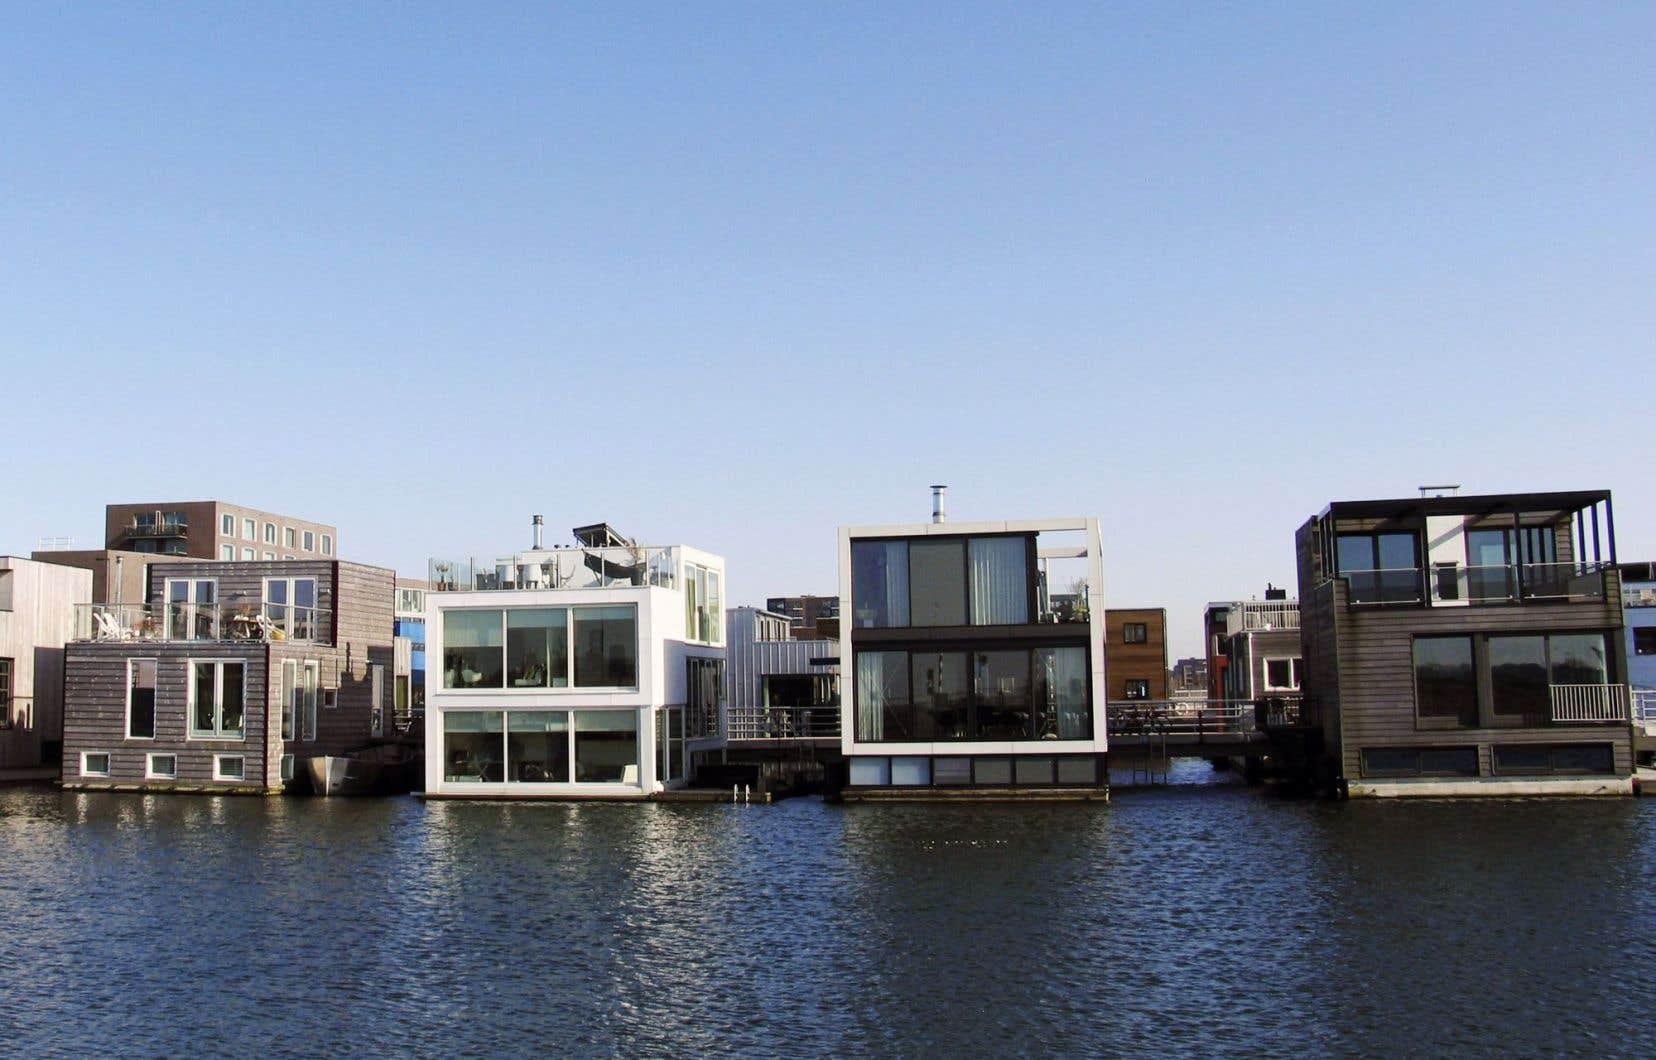 À Amsterdam, depuis 2013, le quartier expérimental IJburg construit sur des îles artificielles s'enrichit de maisons flottantes.